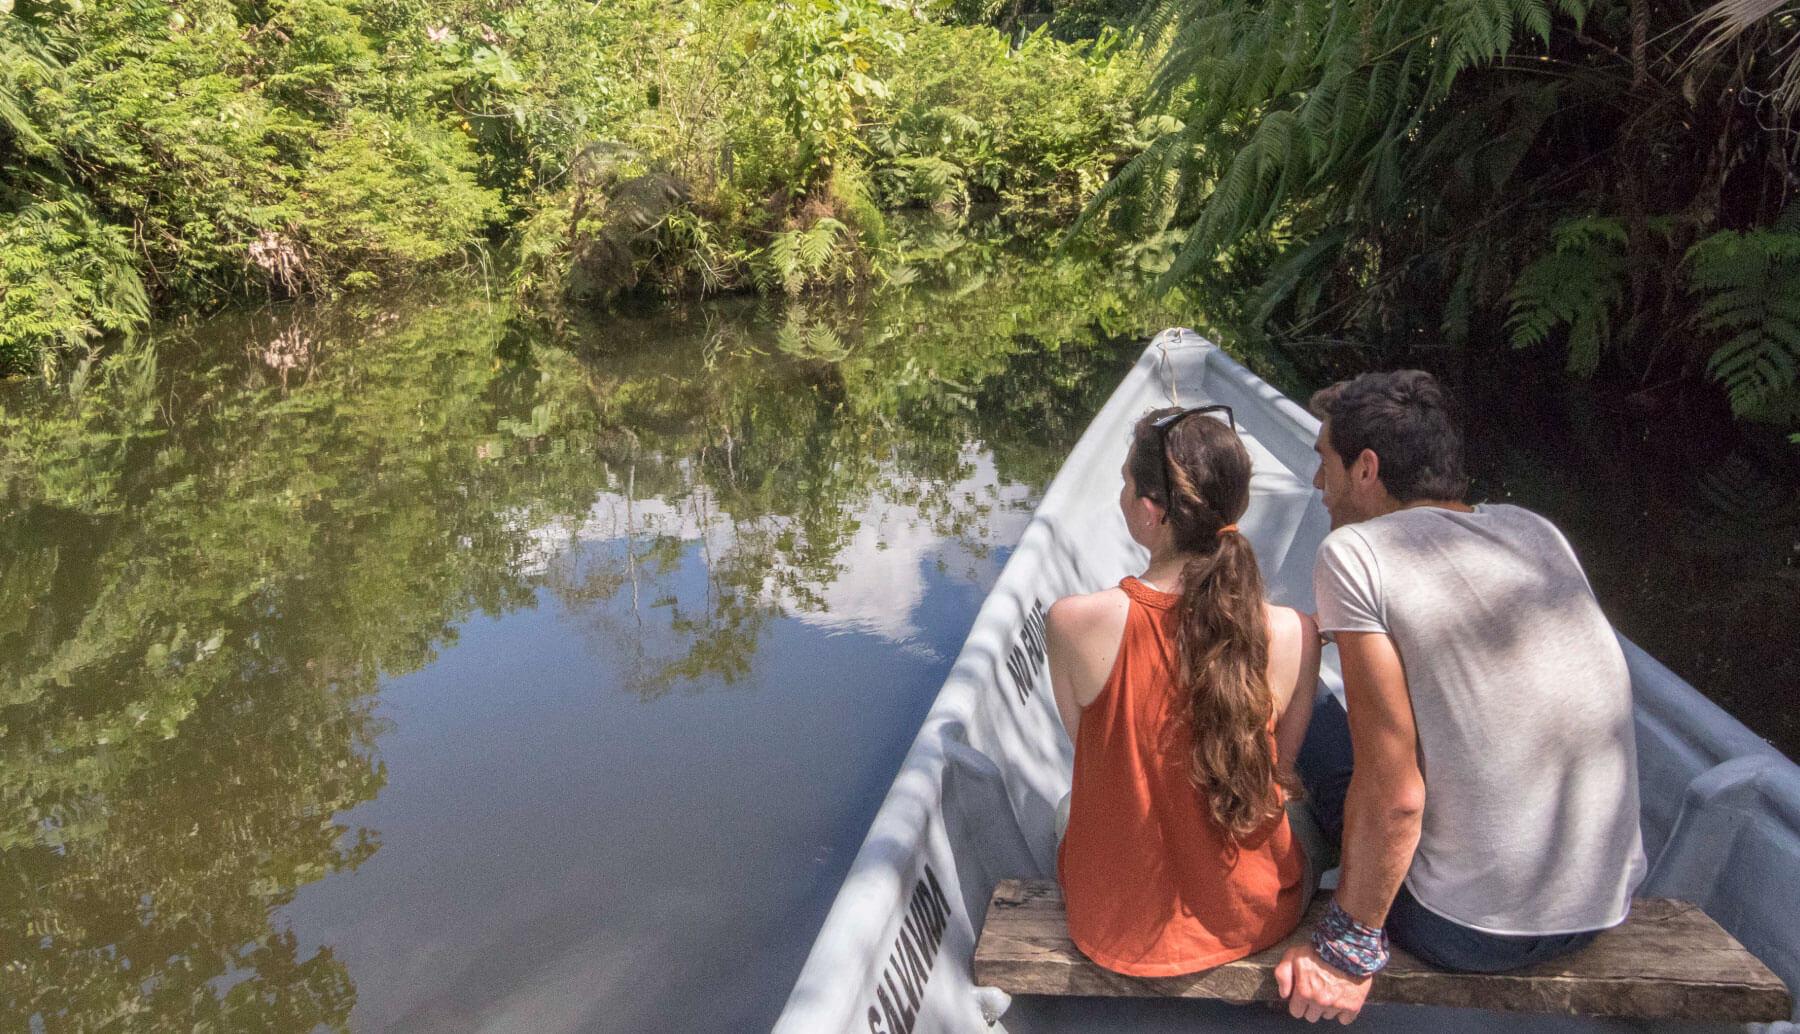 Paikahue Lagoon in a canoe